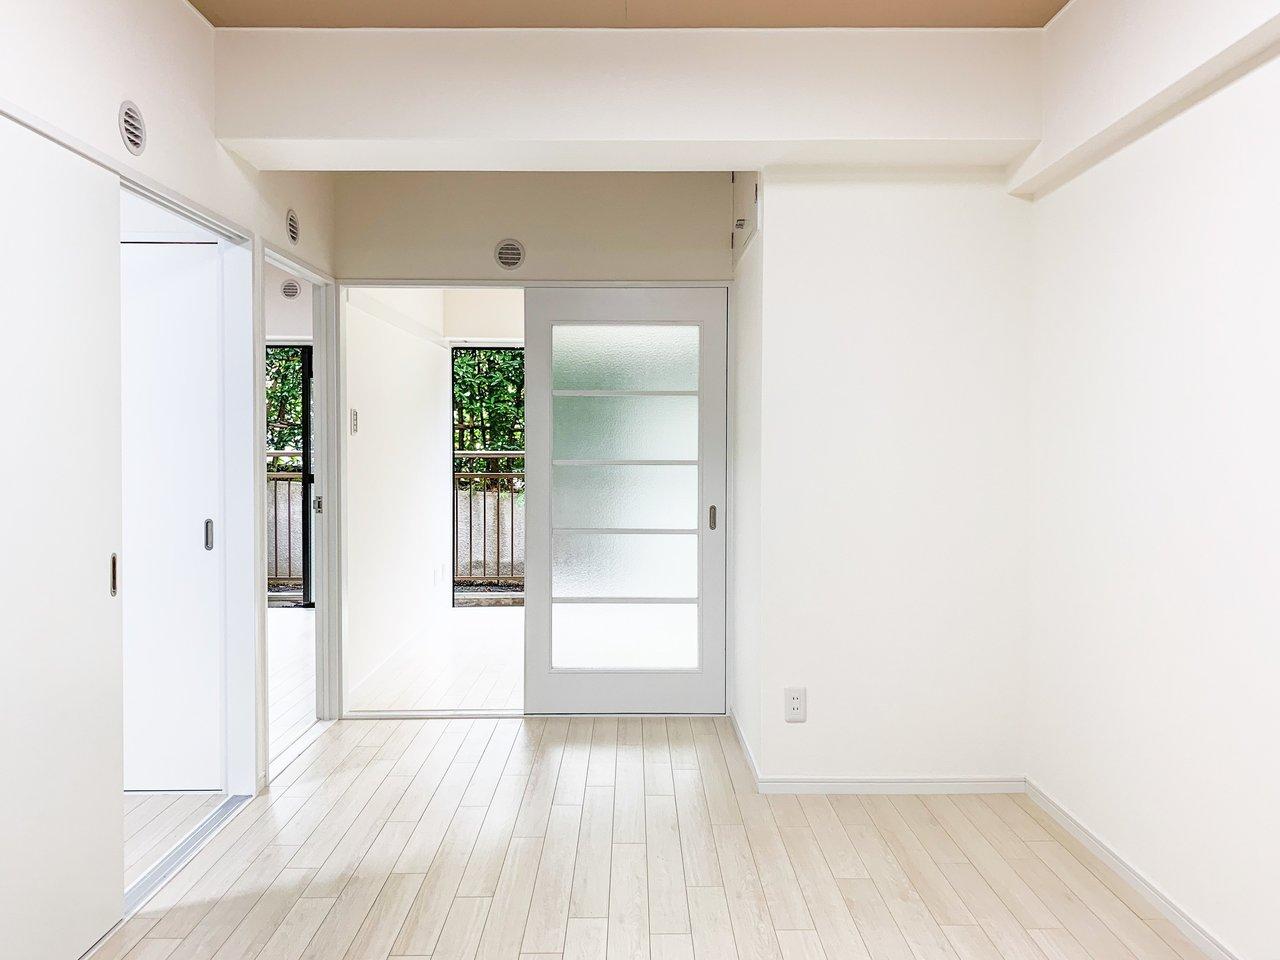 成増駅から徒歩12分のところにある、3DKのお部屋。このお部屋のいいところは、分けるところは分ける。でも繋がりもとても大切にしていること。すべてのお部屋がDKのお部屋とつながっているので、いつでも家族みんなの様子がなんとなくわかる、そんなお部屋です。